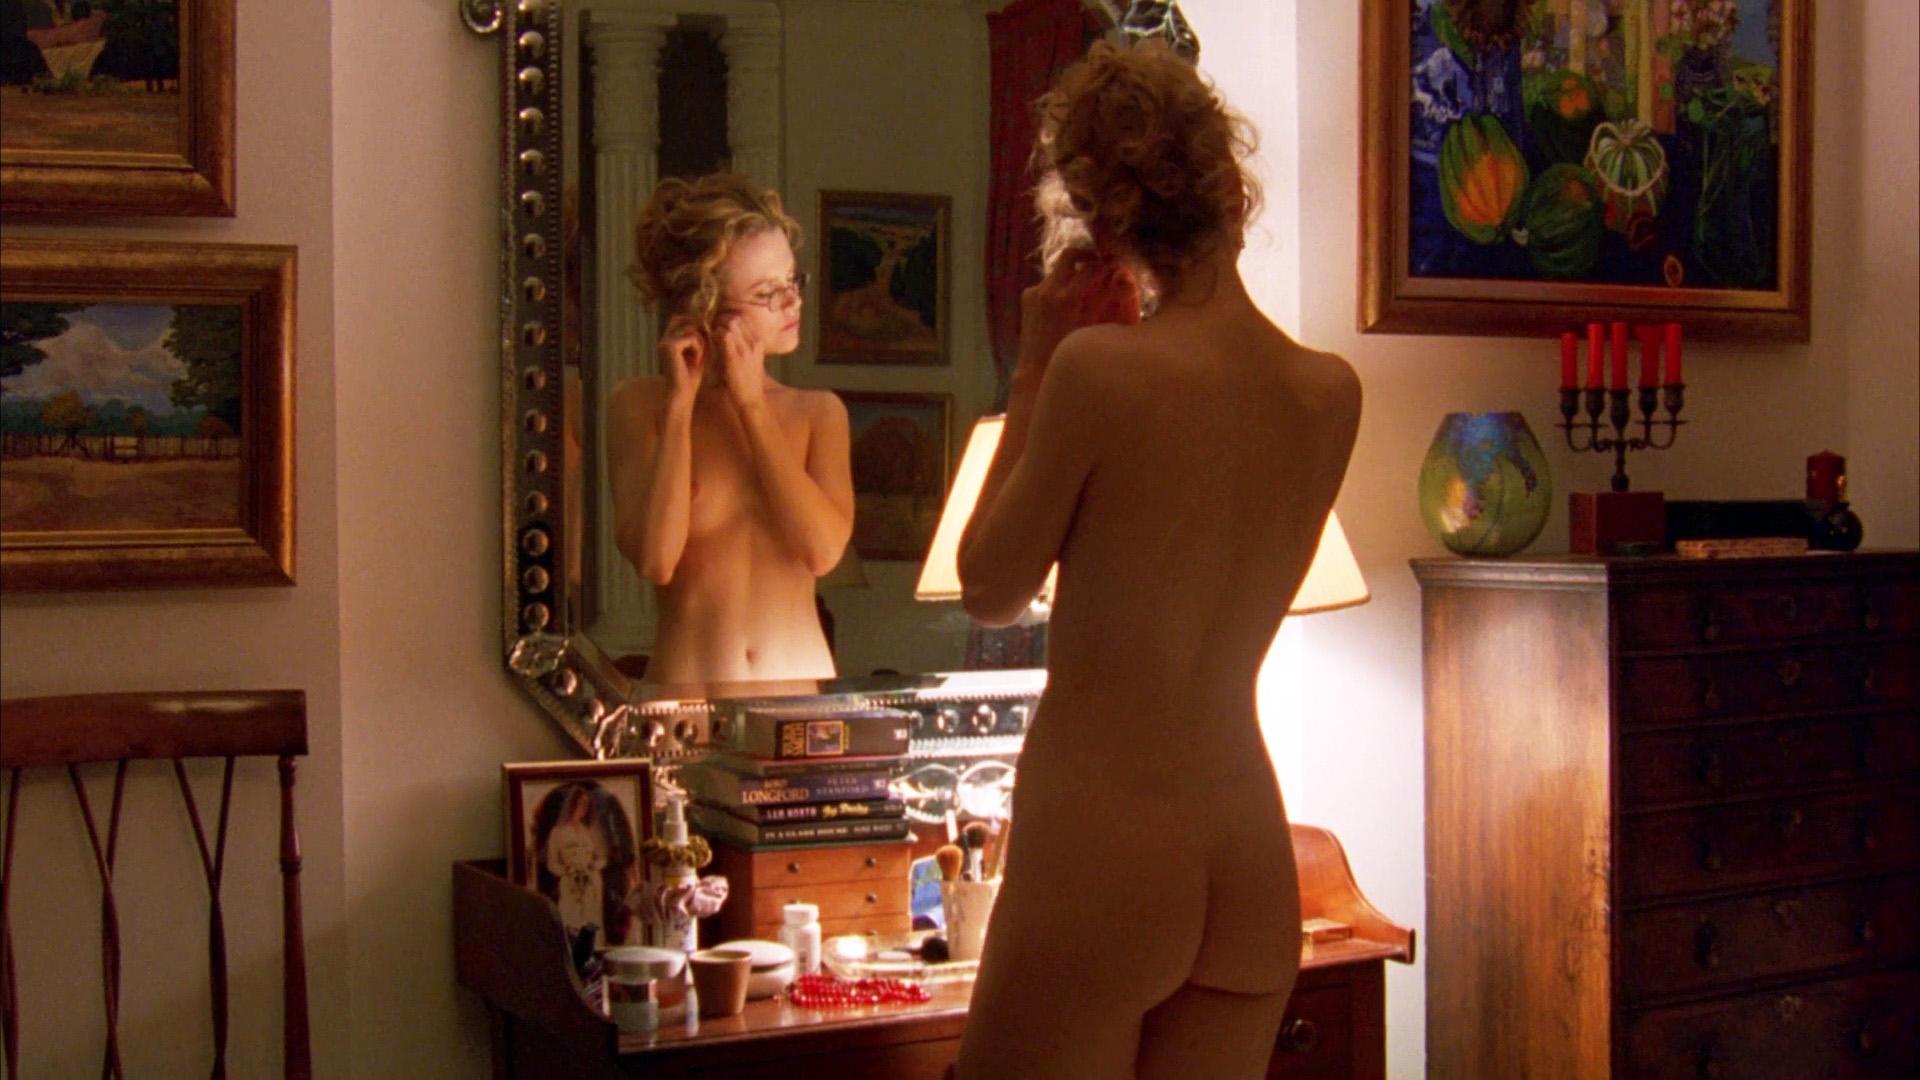 Самые обсуждаемые обнаженные сцены в кино Николь Кидман, С широко закрытыми глазами